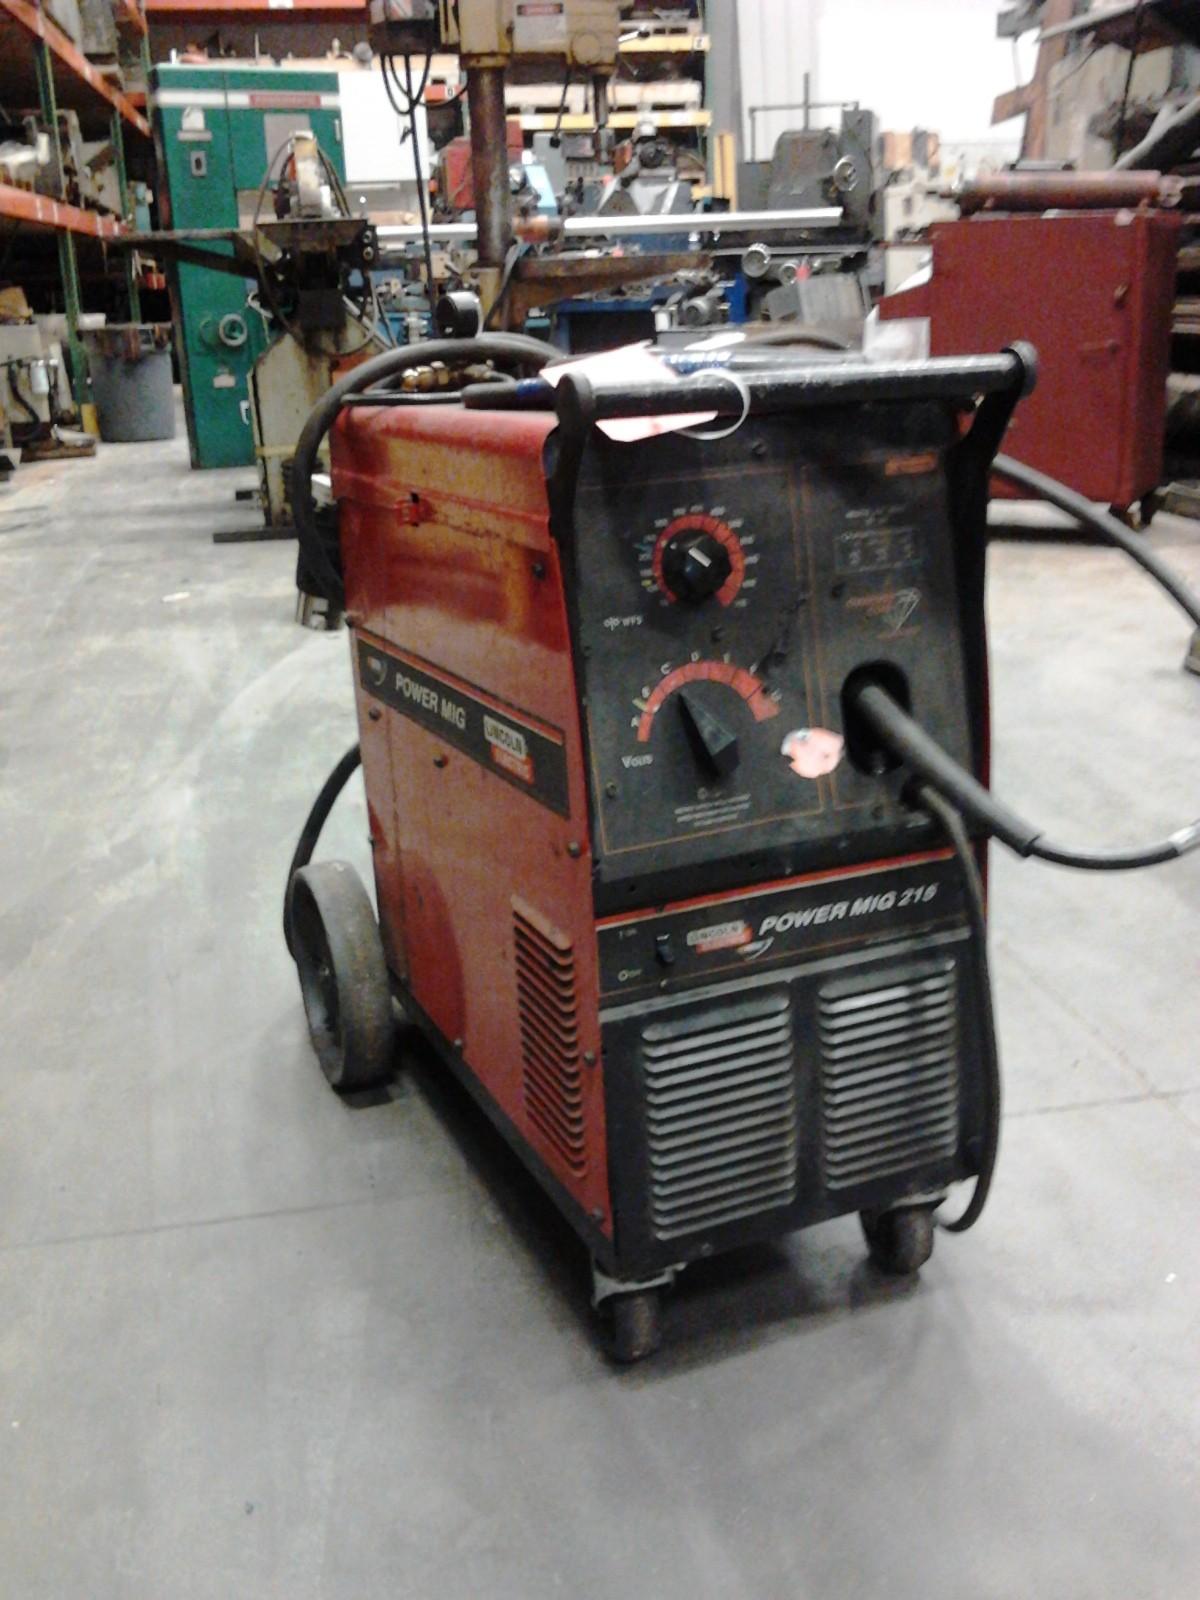 Lincoln Power Mig 215 Welder